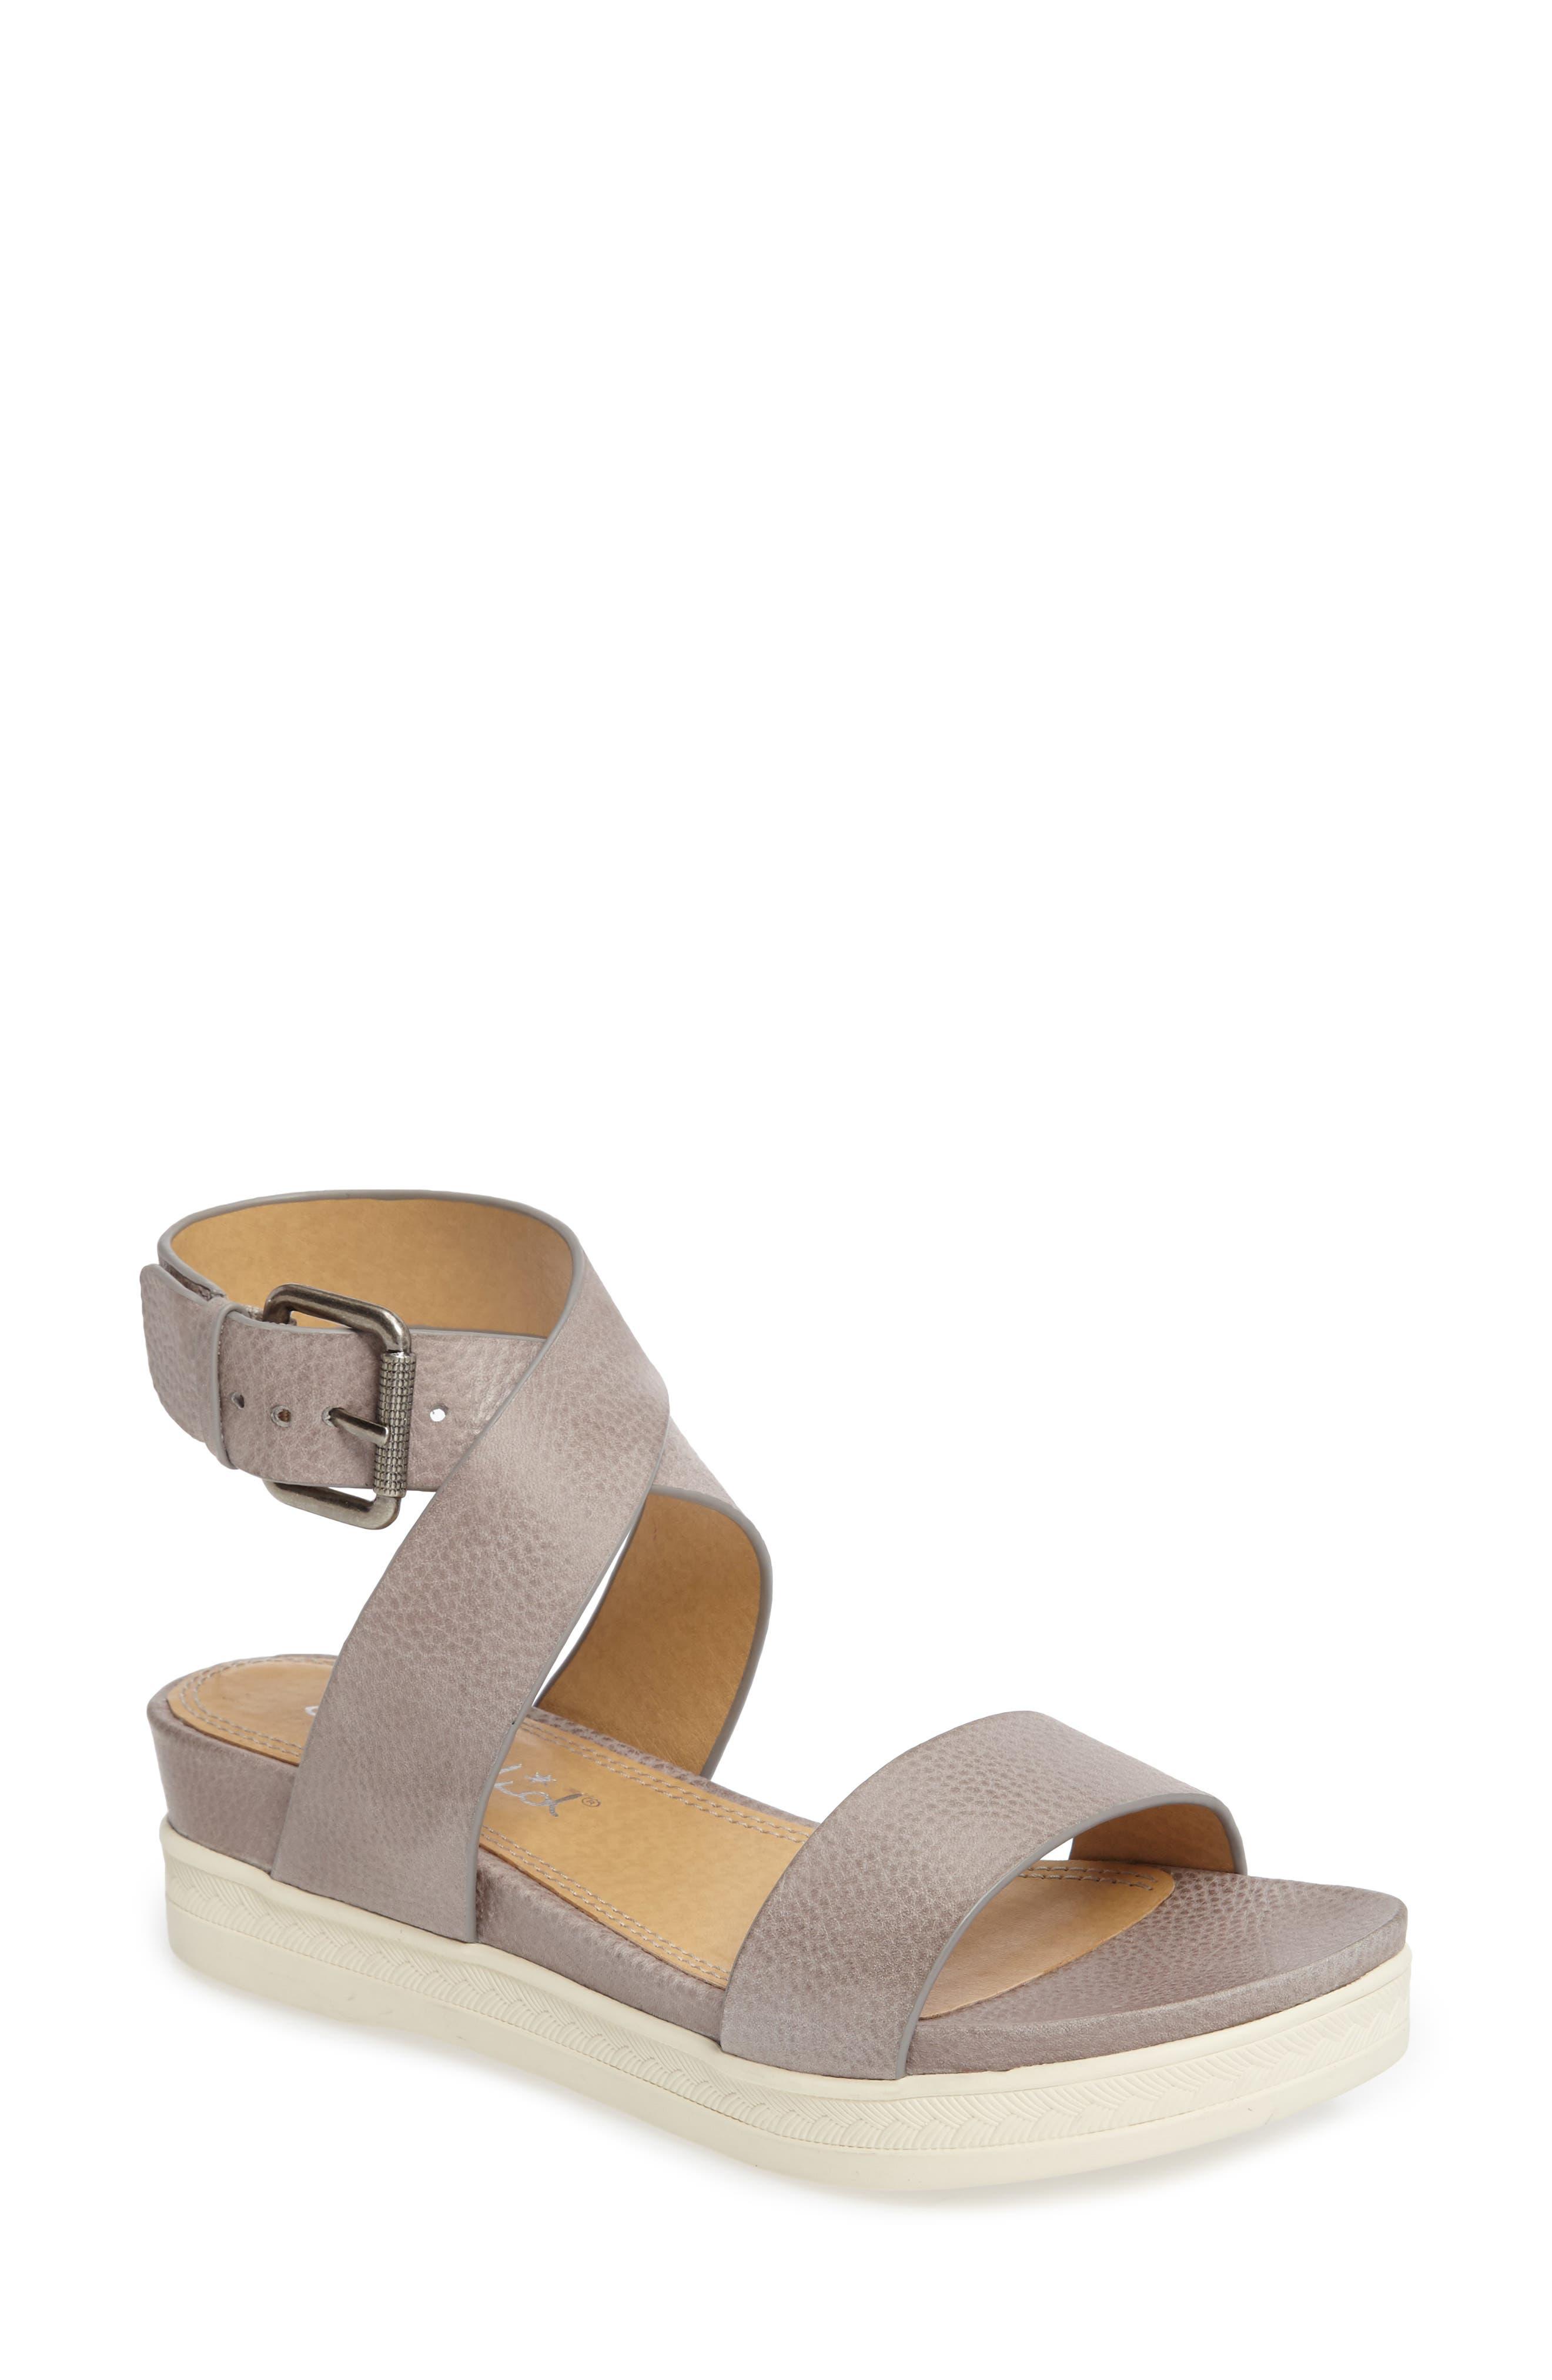 Julie Platform Sandal,                         Main,                         color, Light Grey Leather